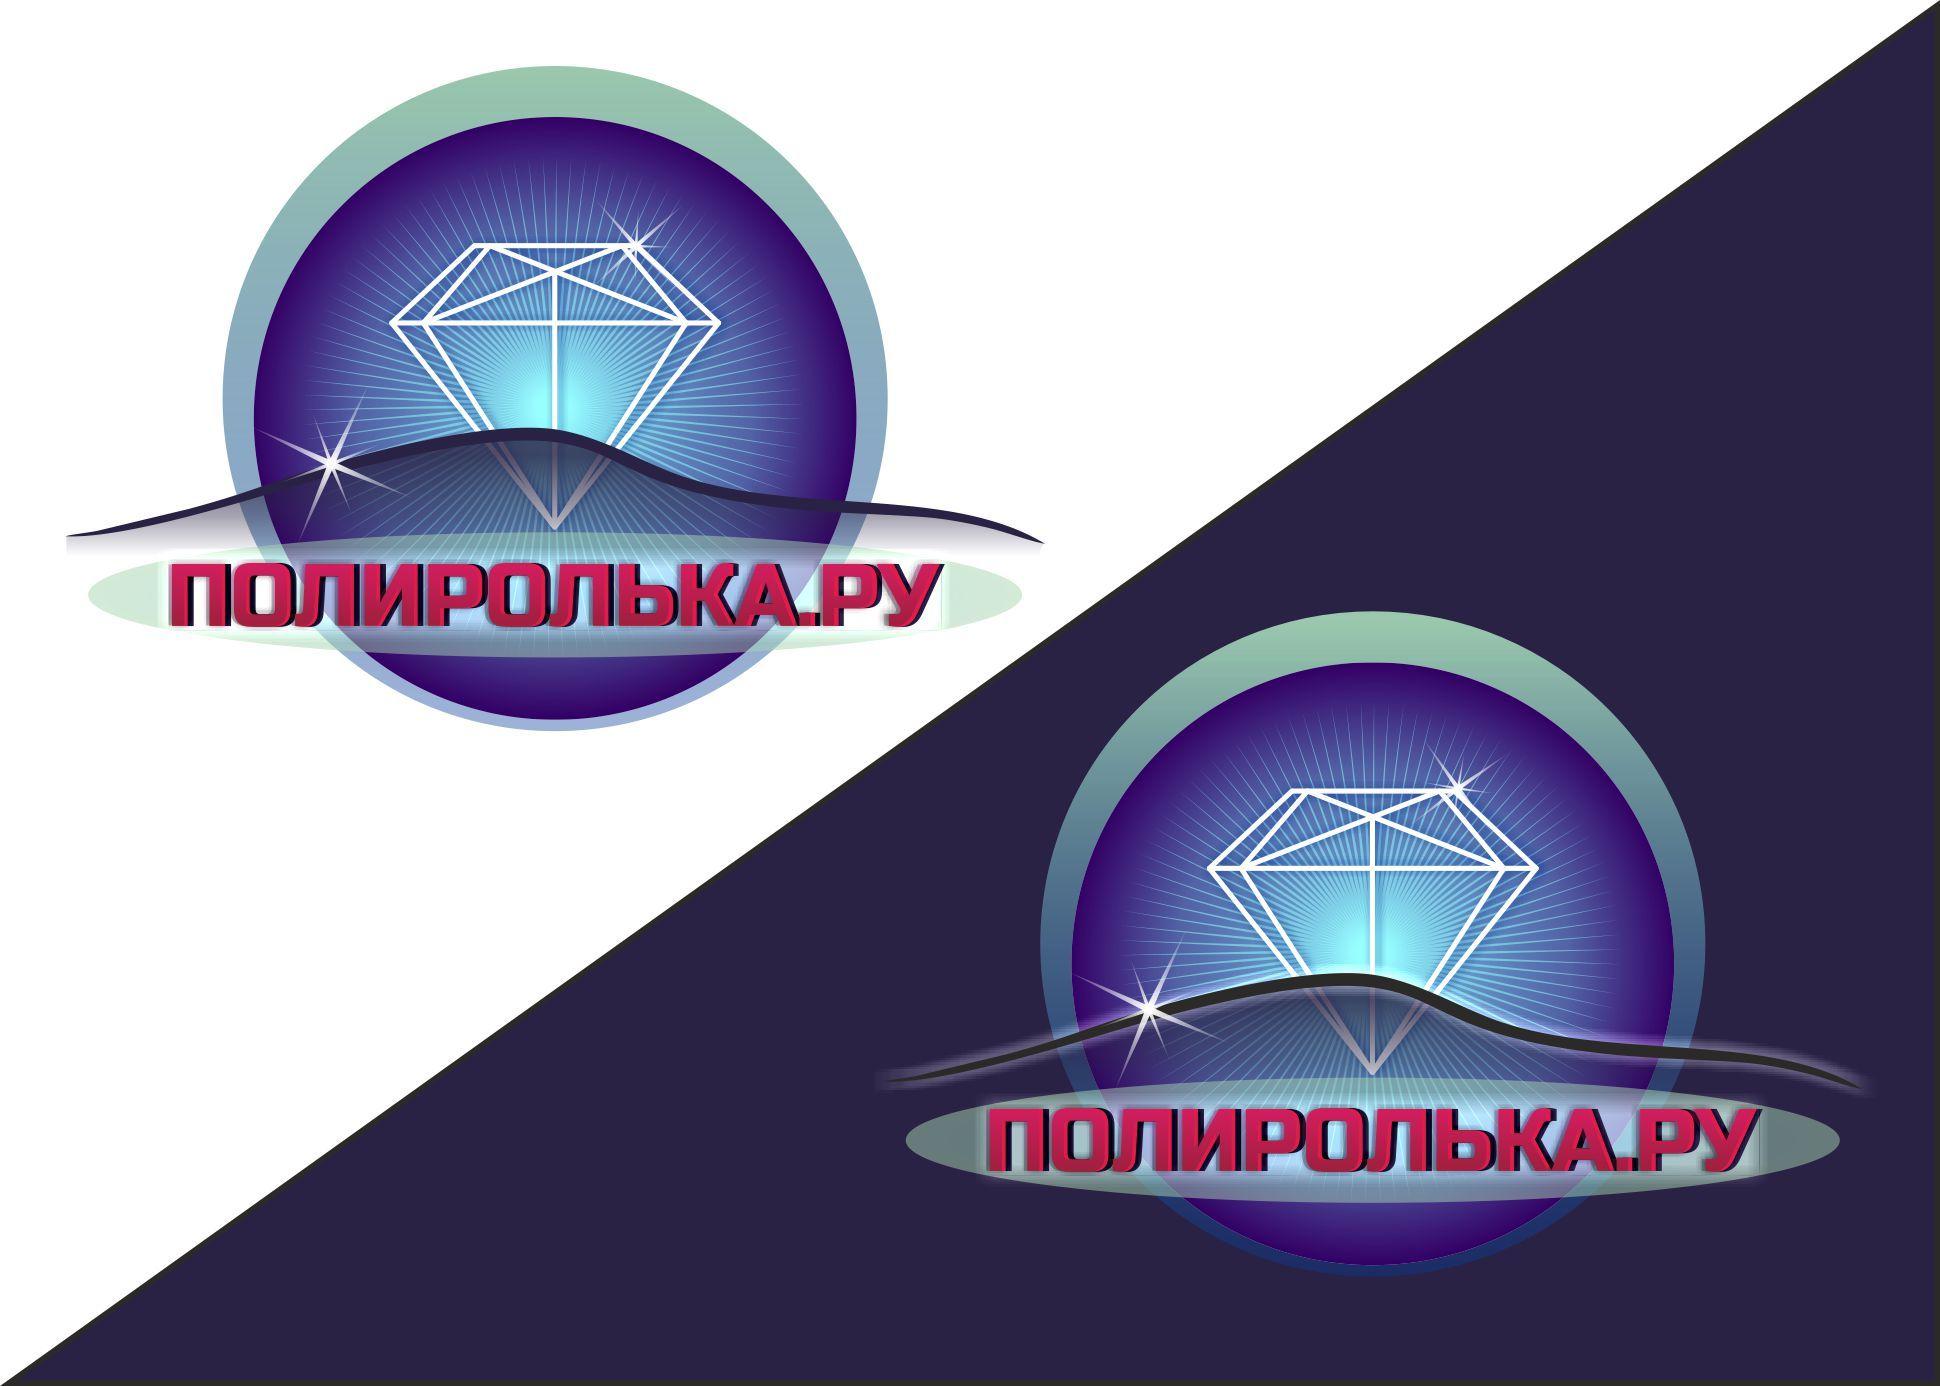 Логотип для интернет-магазина Полиролька.ру - дизайнер UMKA_